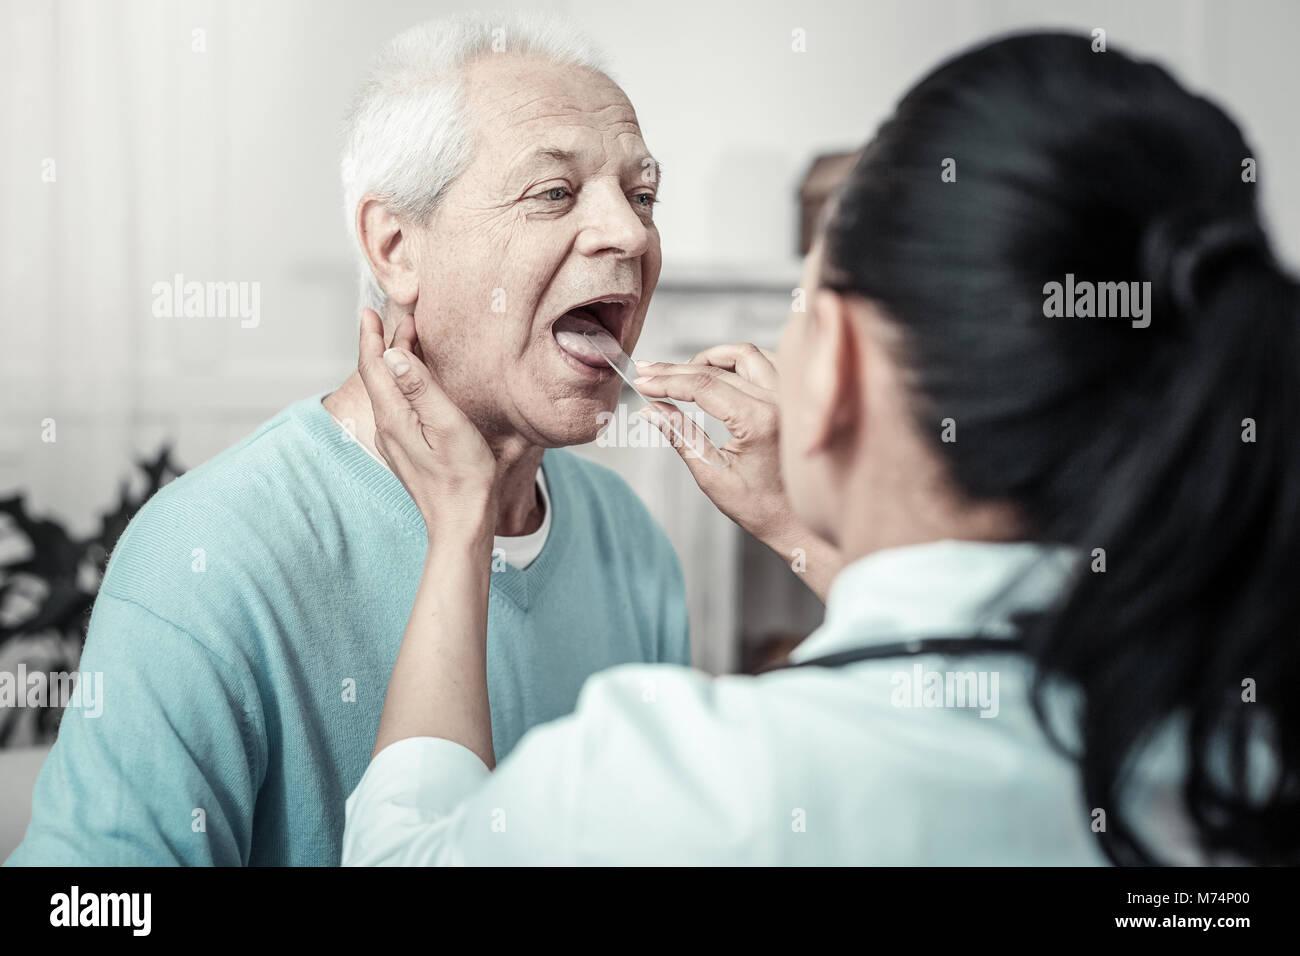 Homme d'âge gris ayant l'examen et assis en face de l'infirmière. Photo Stock